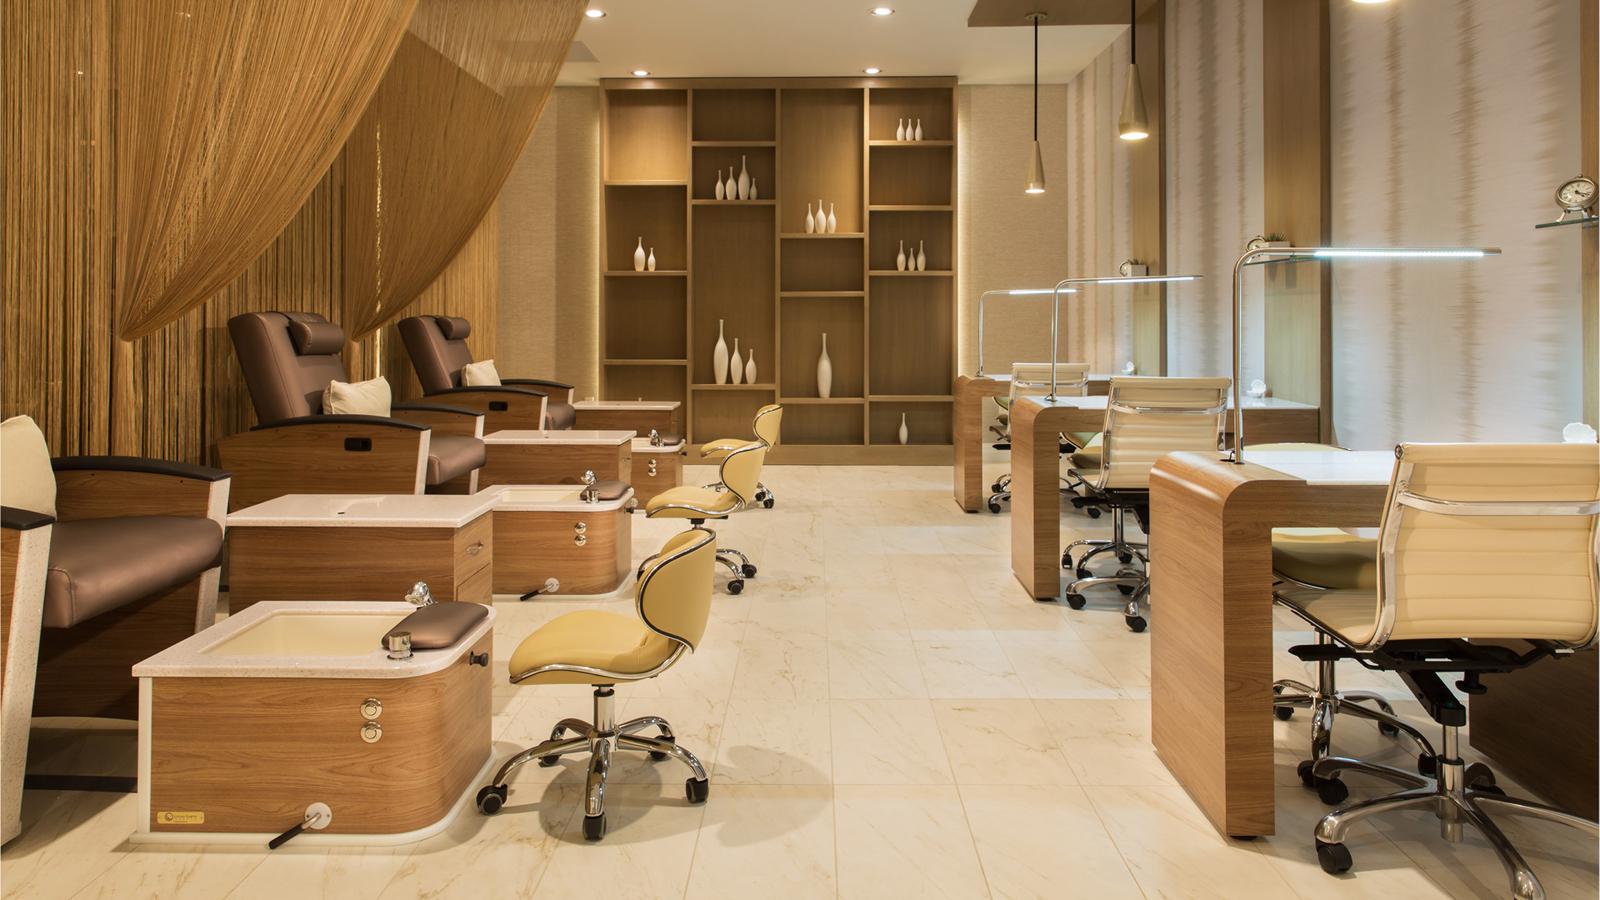 Las vegas manicures pedicures las vegas spa four seasons for 4 star salon services